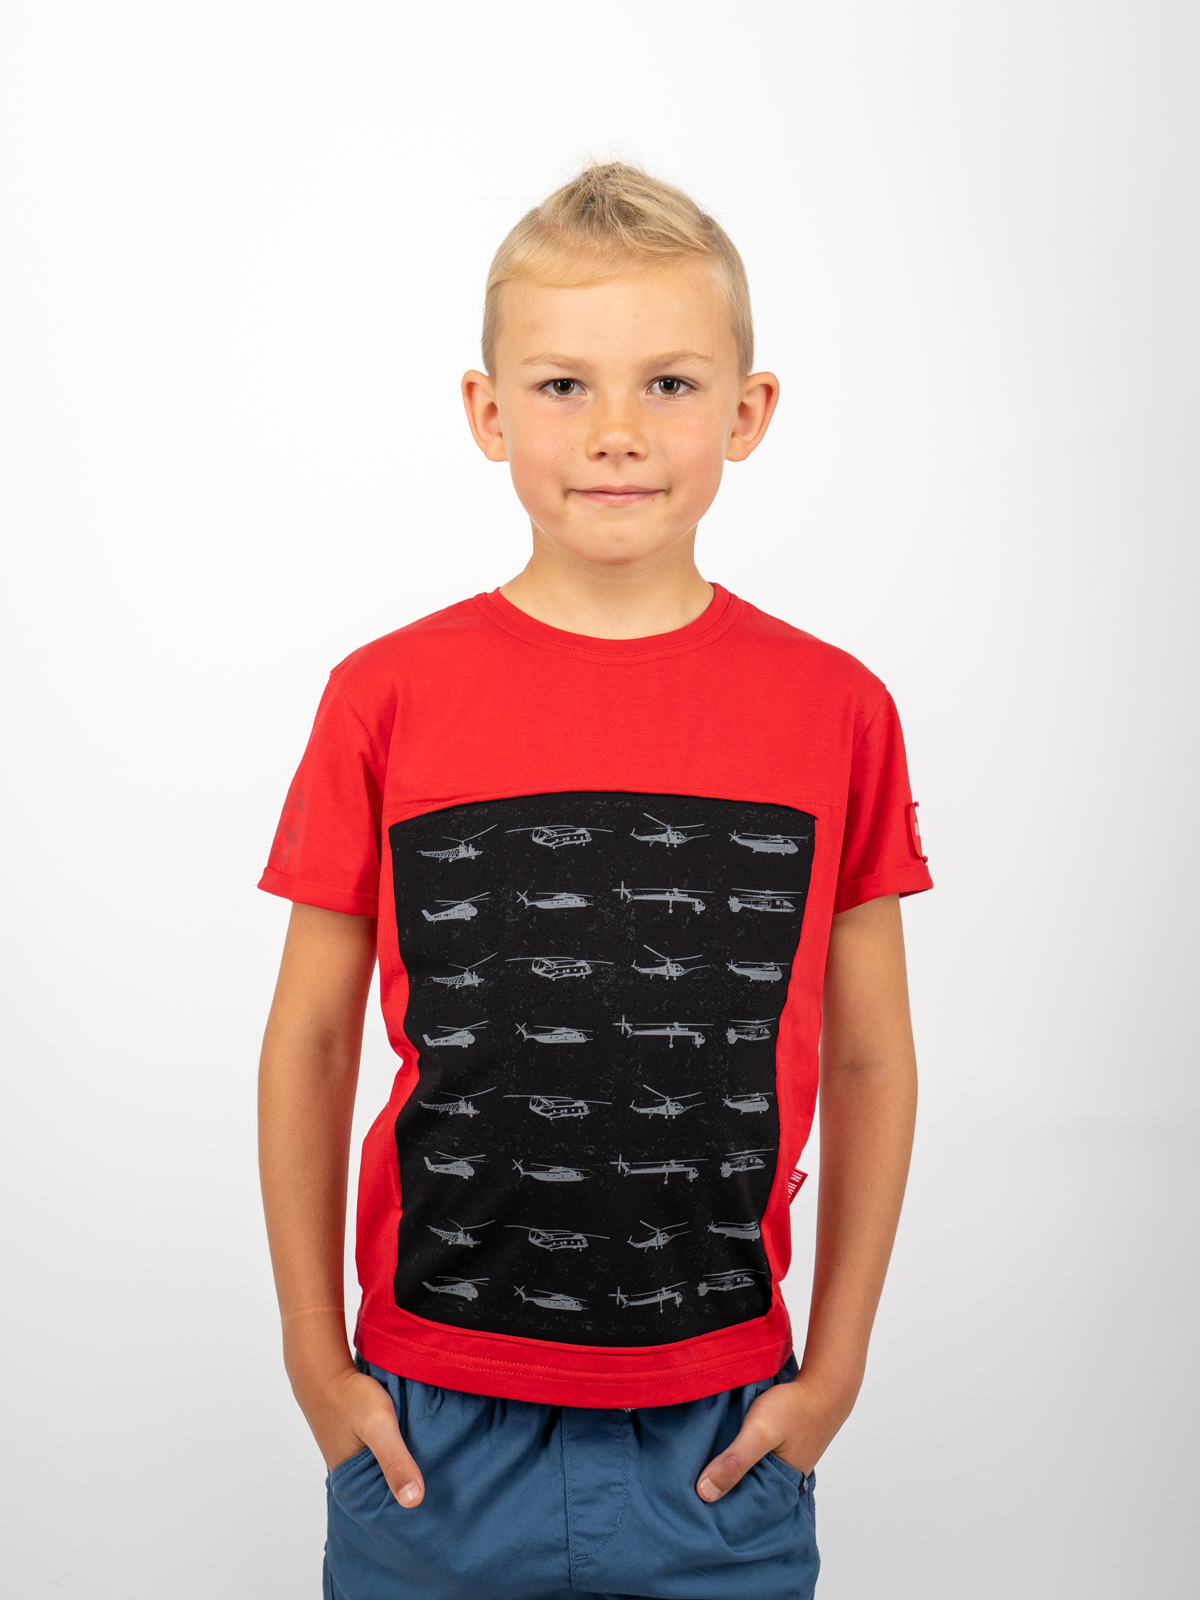 Дитяча Футболка Sikorsky. Колір червоний. Футболка унісекс.